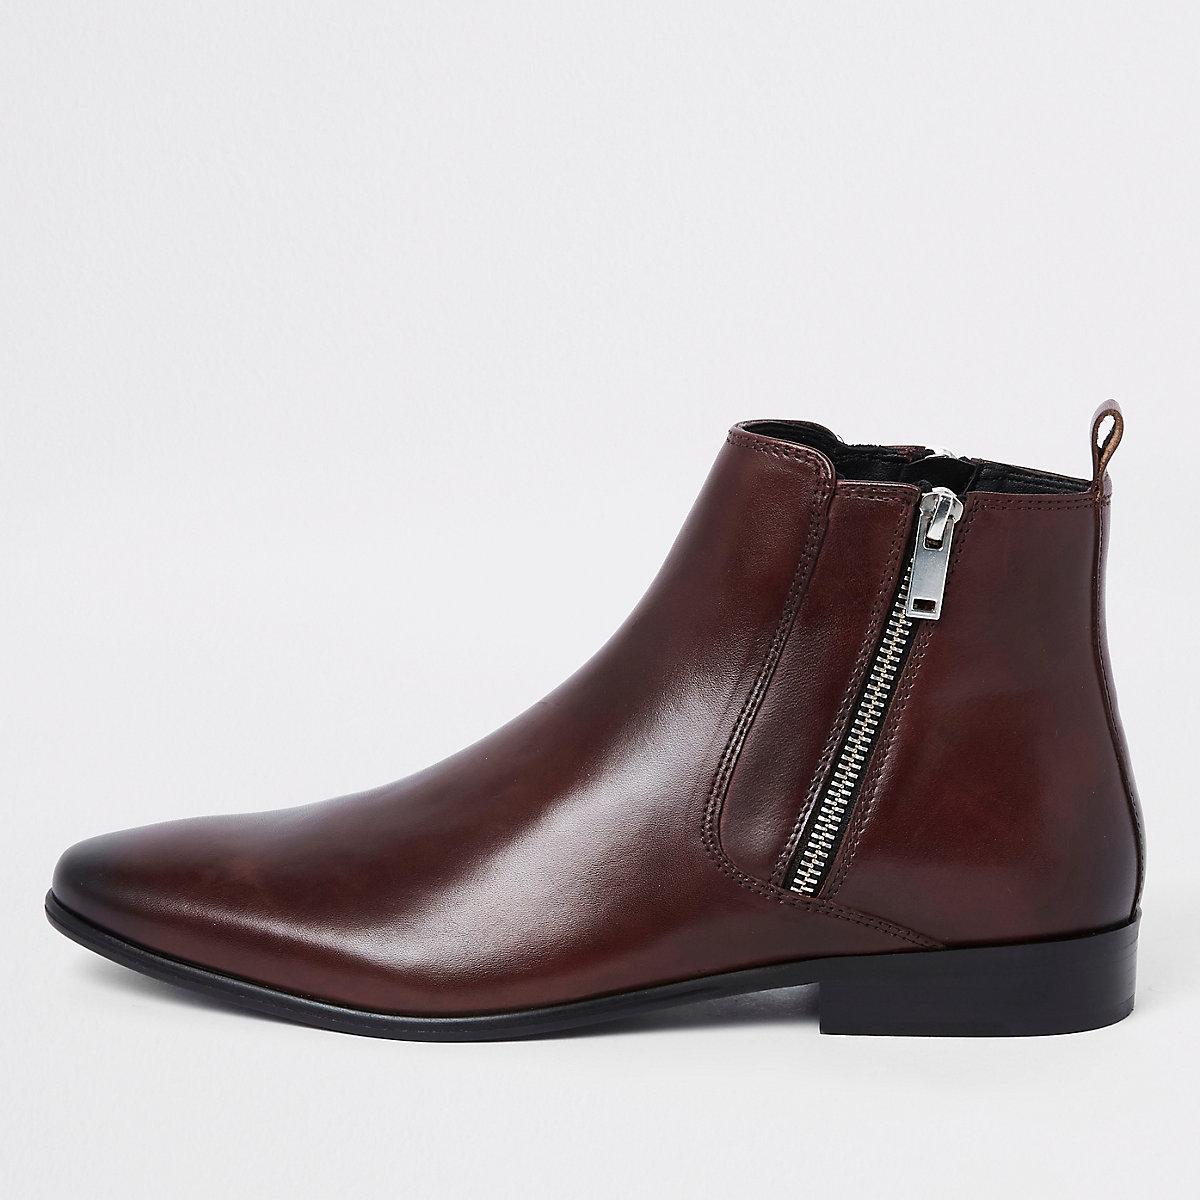 Donkerrode leren laarzen met rits opzij